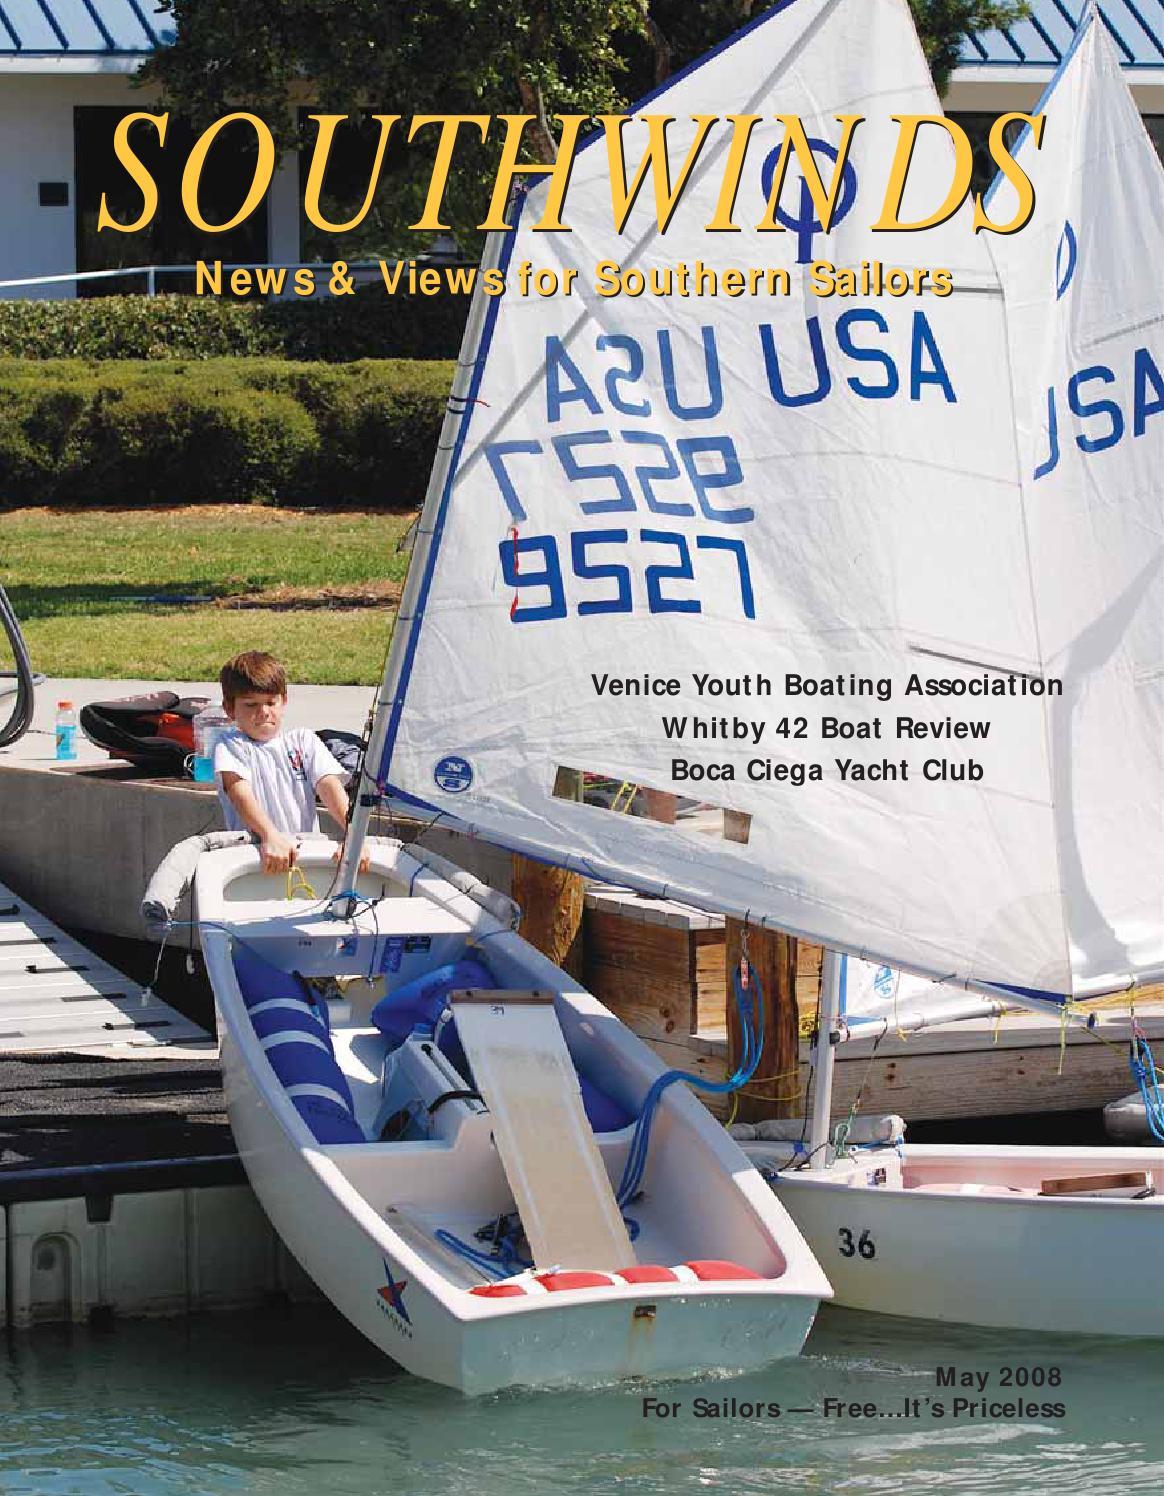 Southwindsmay2008 by SOUTHWINDS Magazine - Issuu